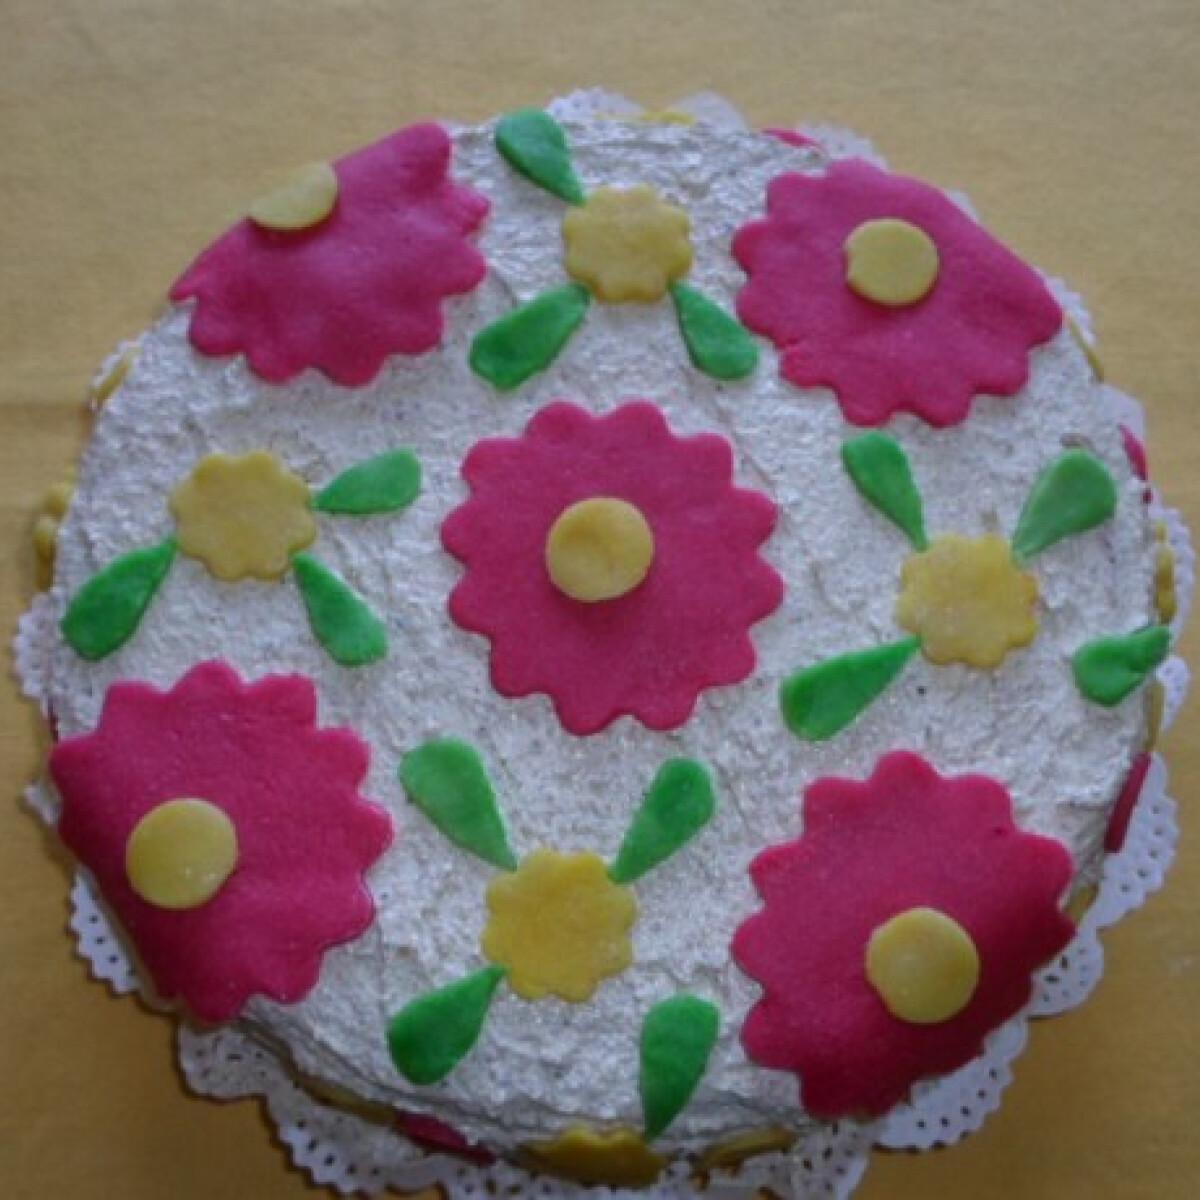 Ezen a képen: Marcipános-diós torta